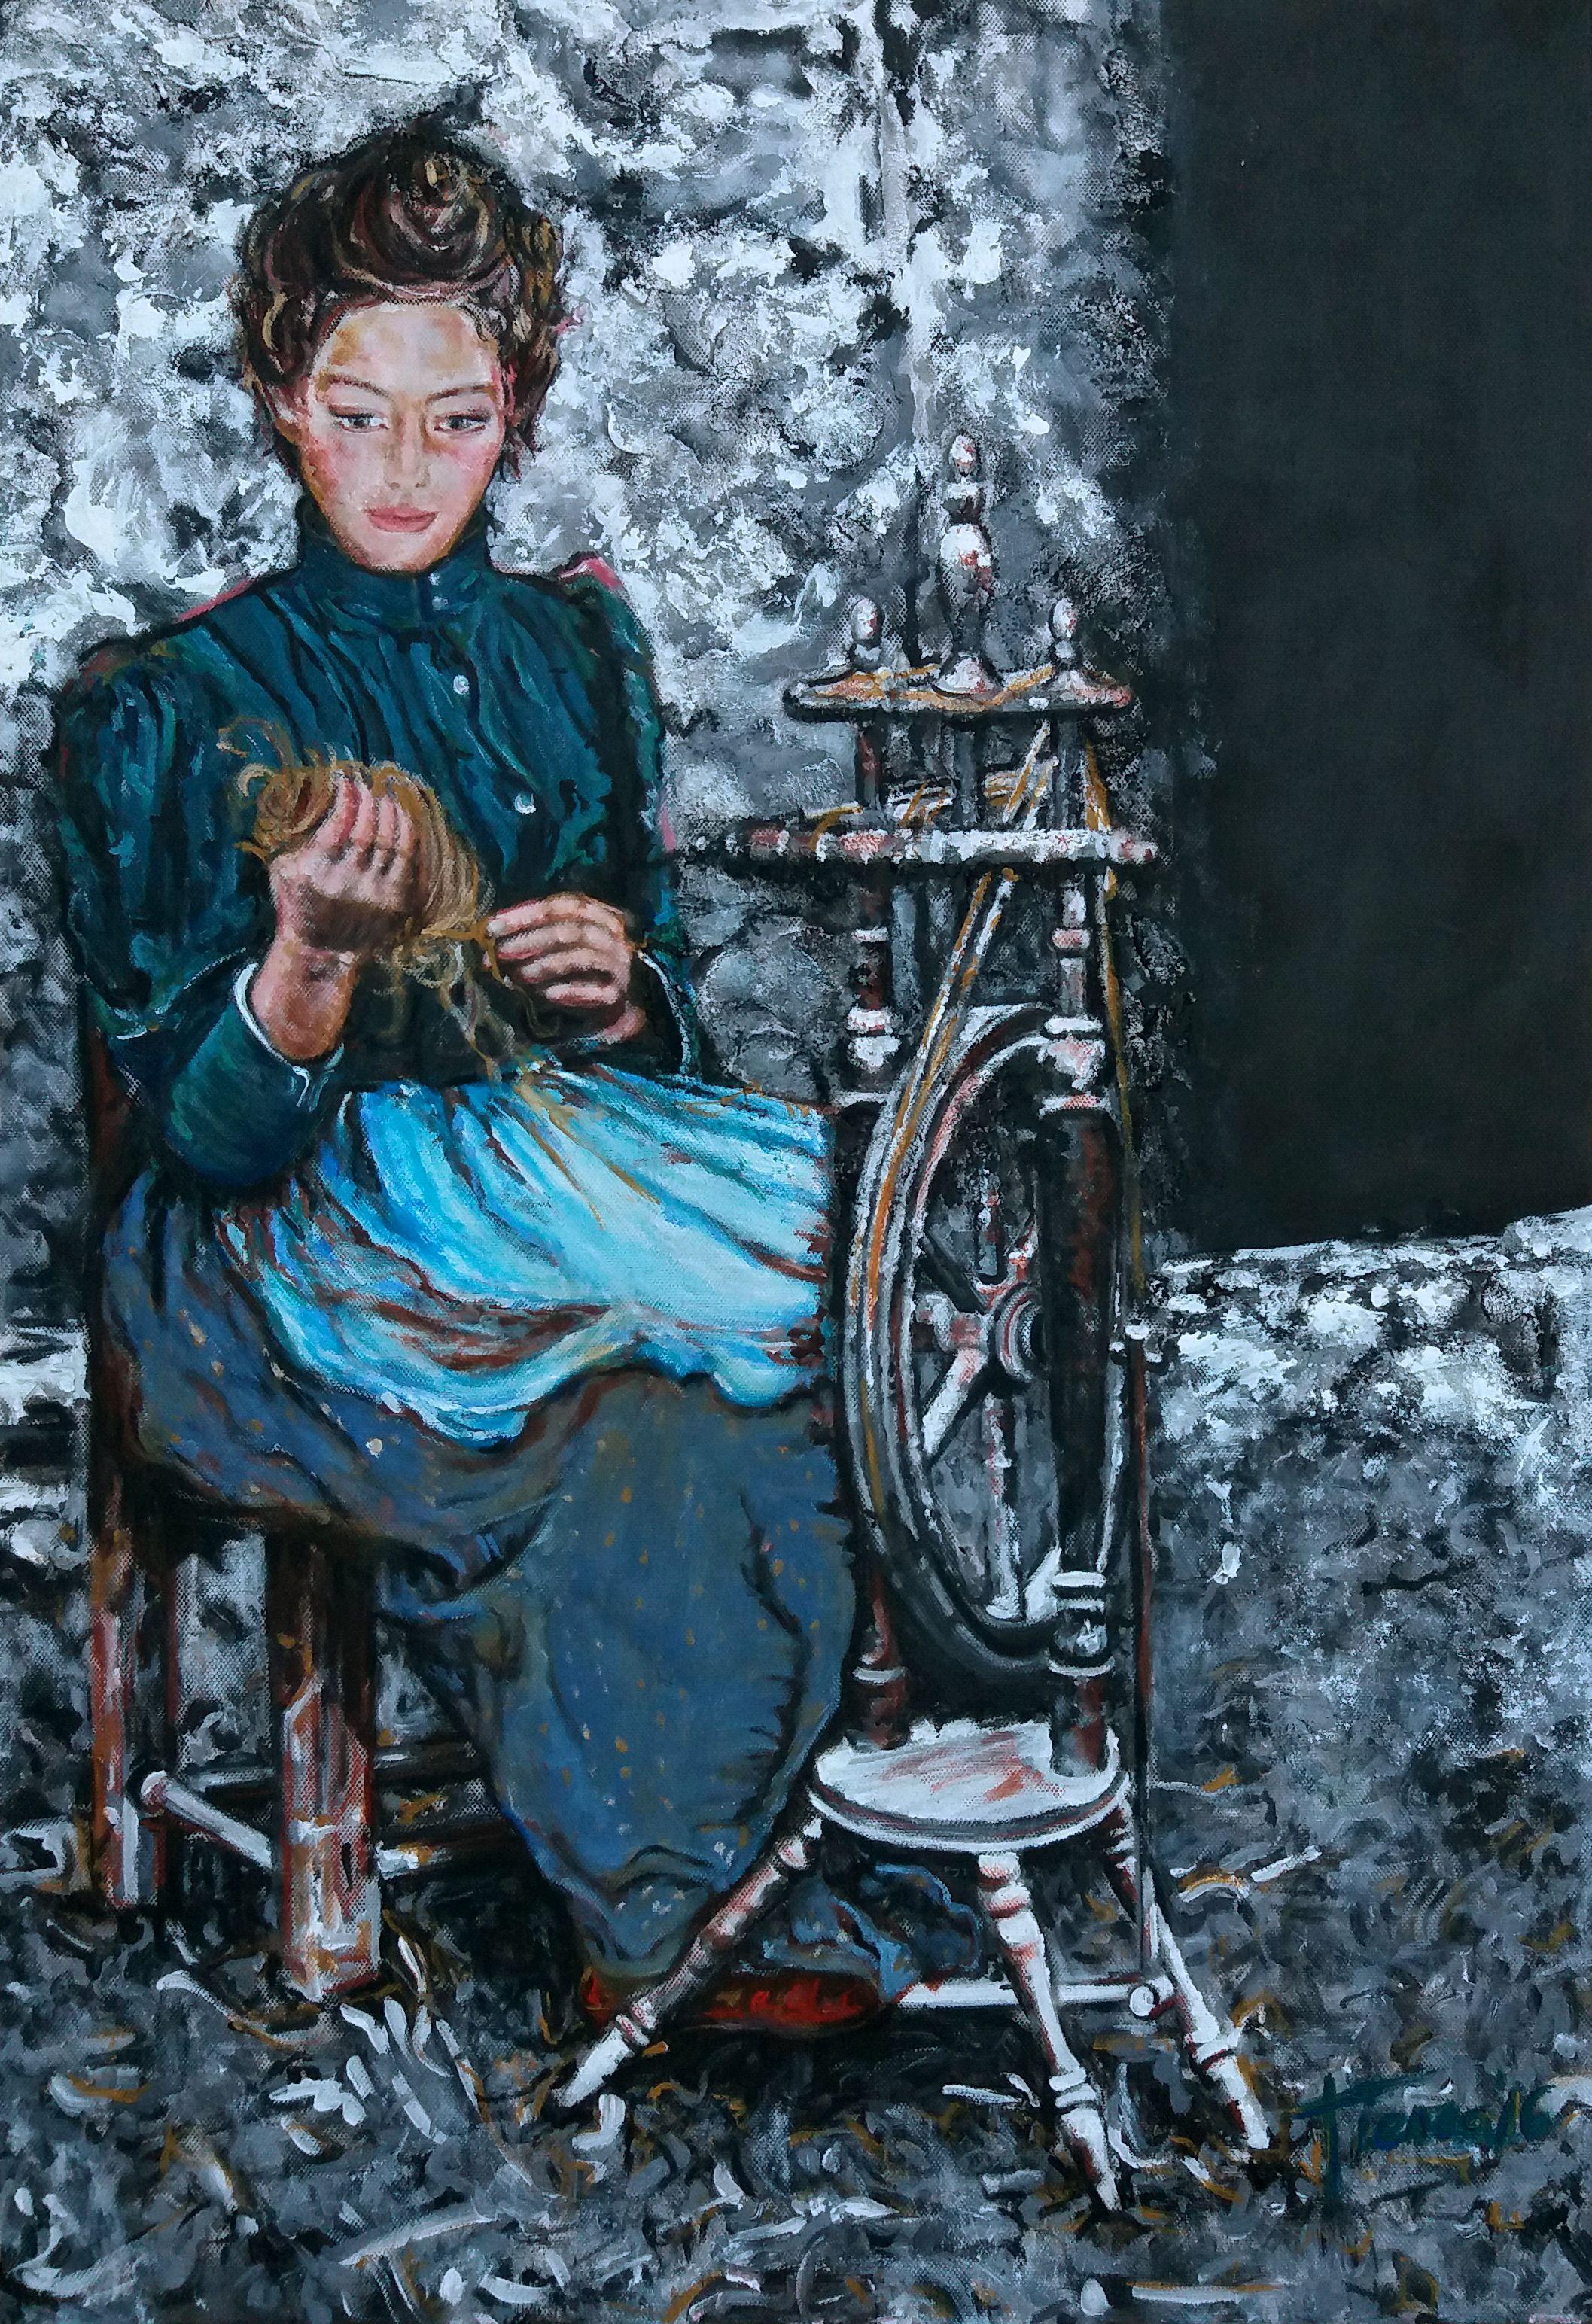 La Hilandera, obra realizda con su pareja en blanco y negro y solamente la mujer es la que da color al cuadro. Perteneciente a la seria La España Antigua. Acrílico y varias texturas sobre lienzo.